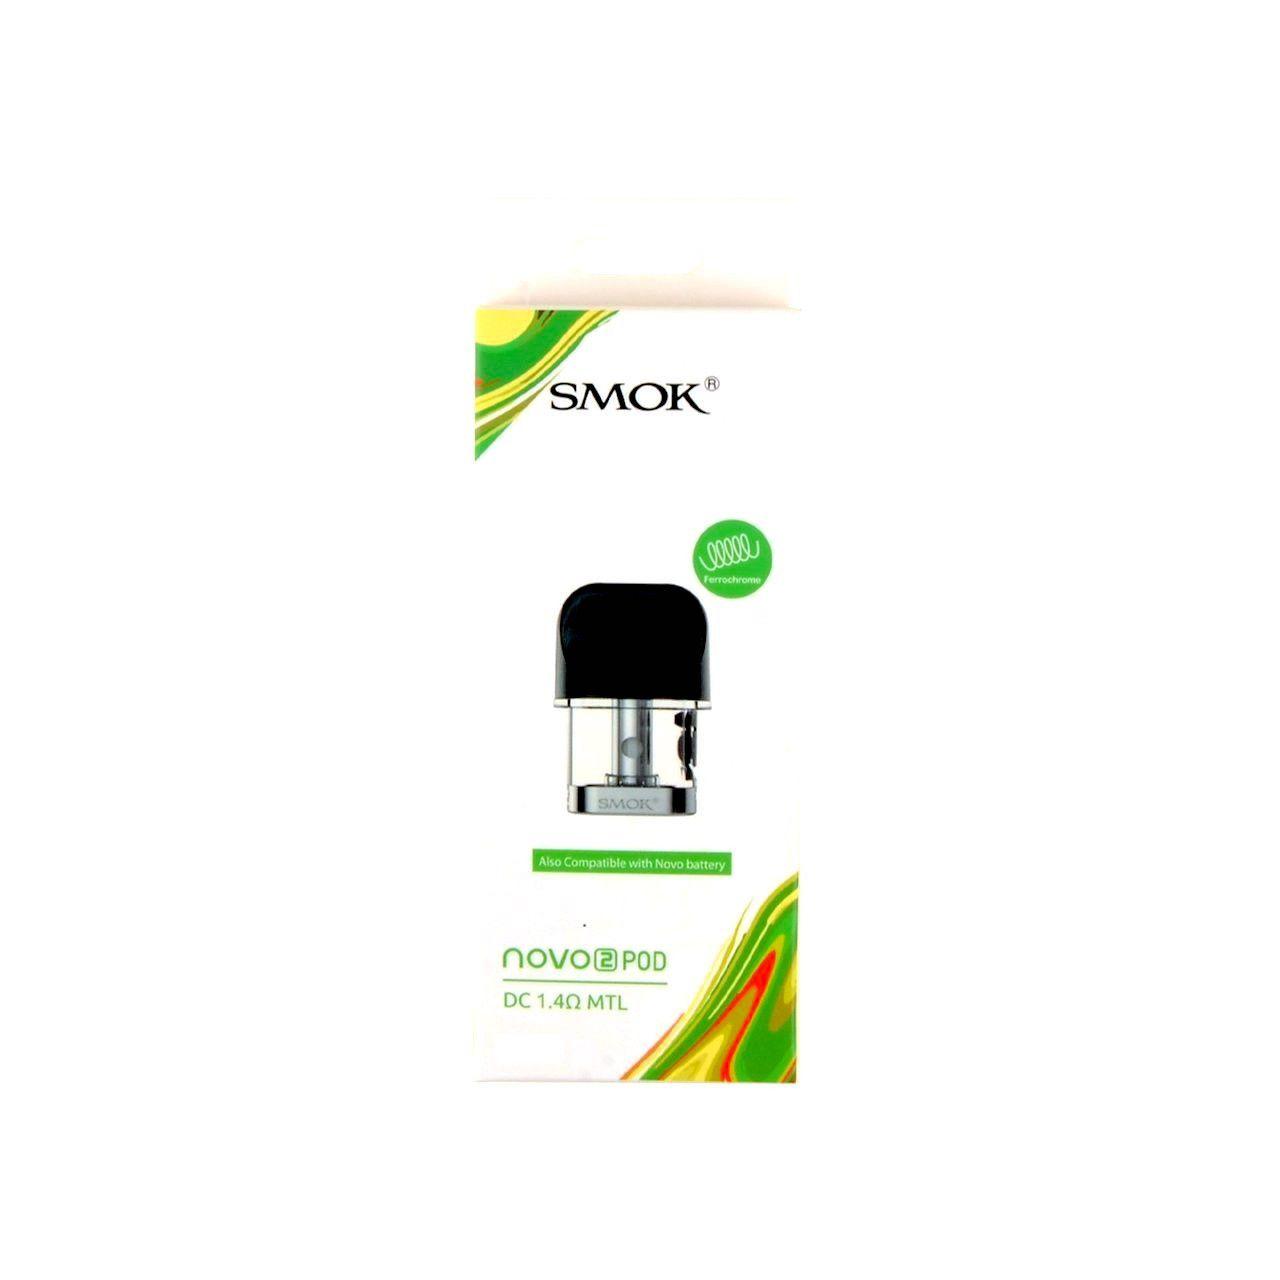 Coil - Cartucho - Smok - Novo 2 - Reposição Smok - 2